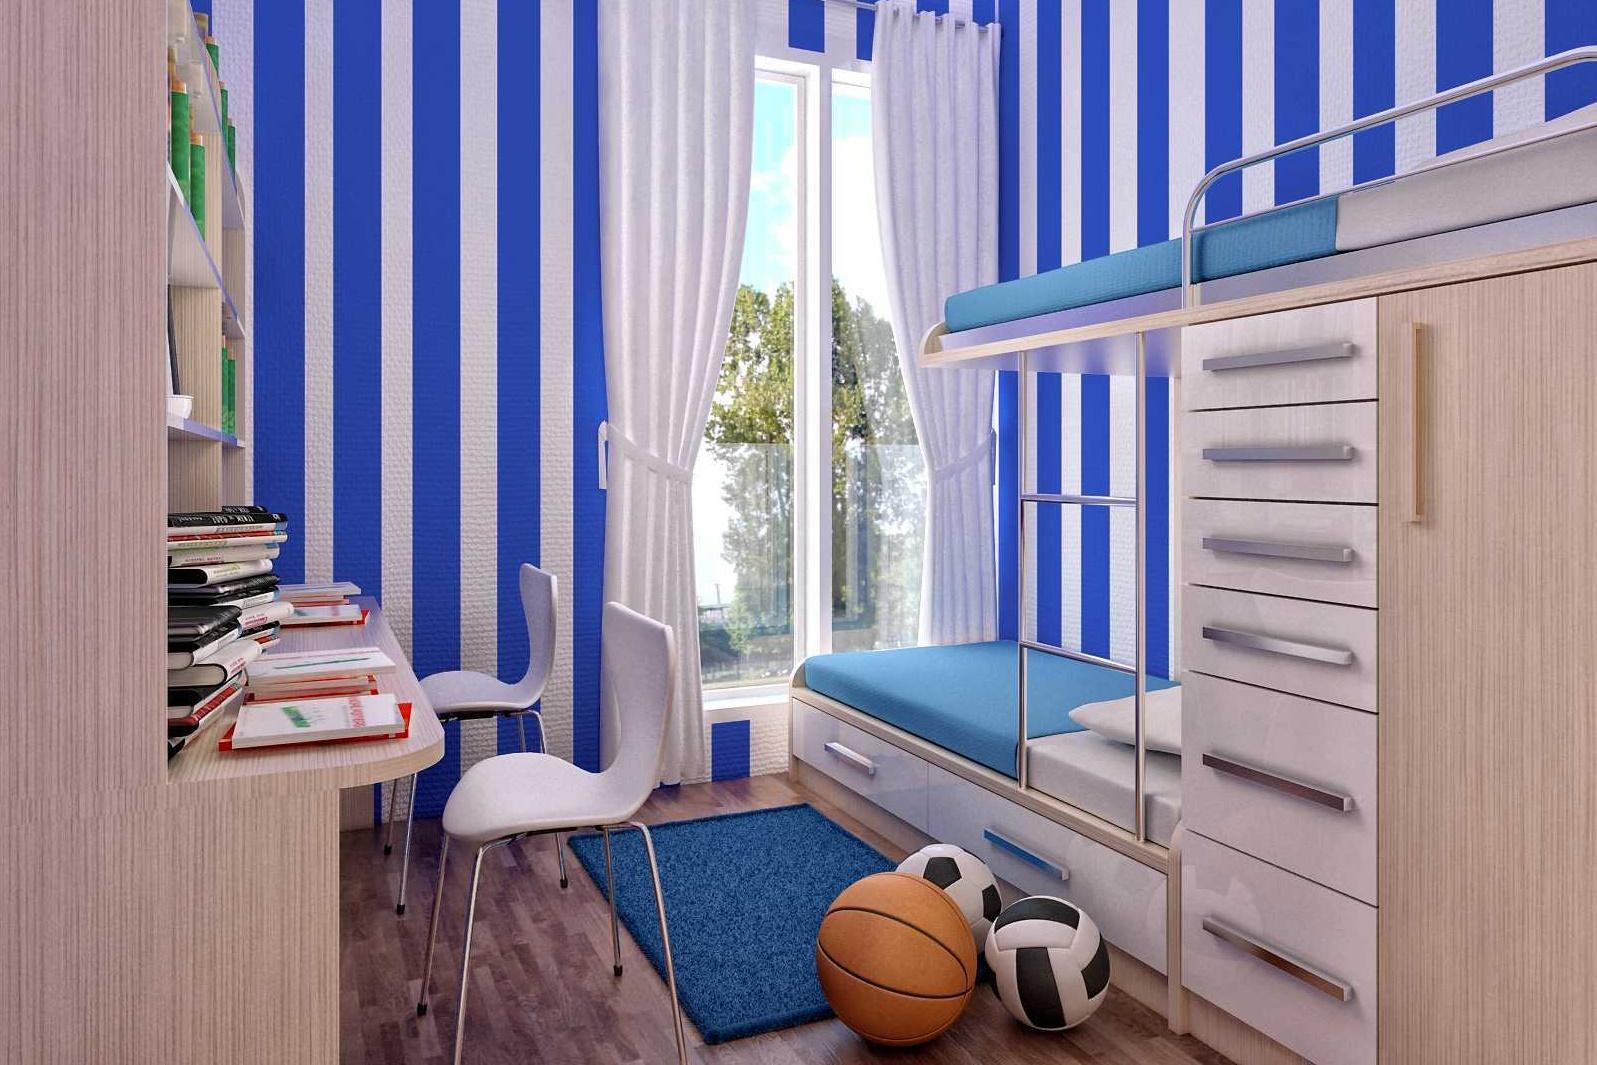 Kamar Tidur Menggunakan Bunk Bed Juga Bisa Tampil Keren Lho! | Foto artikel Arsitag